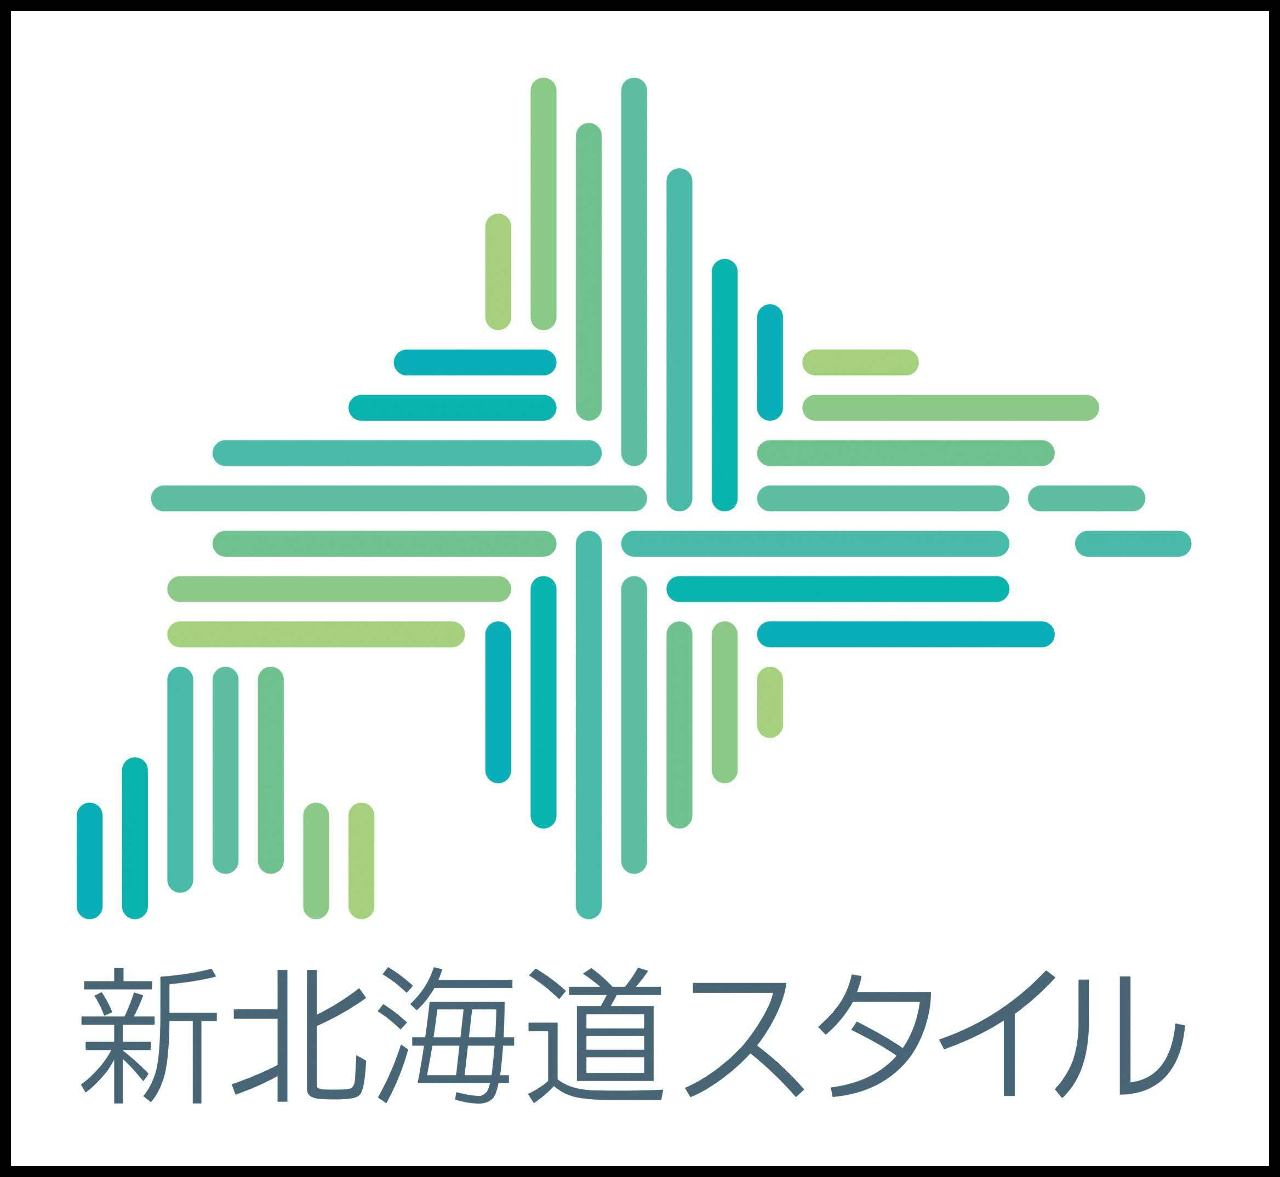 新北海道スタイル・お客様へ安心宣言